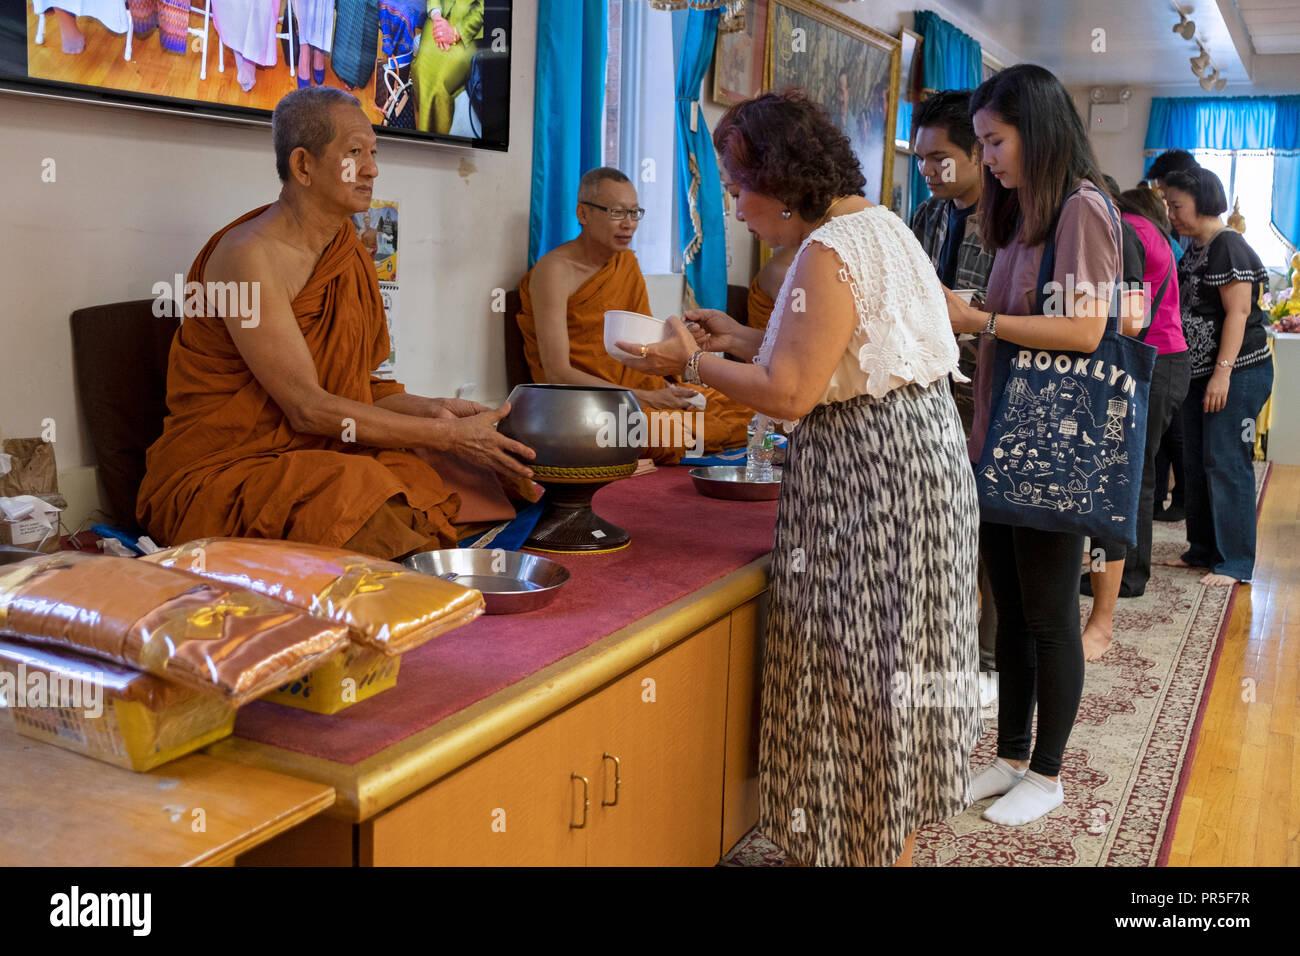 Anbeter in einem buddhistischen Tempel in der Tradition, wo die Gemeinde die Fütterung der Mönche teilnehmen. In Queens in New York City. Stockbild